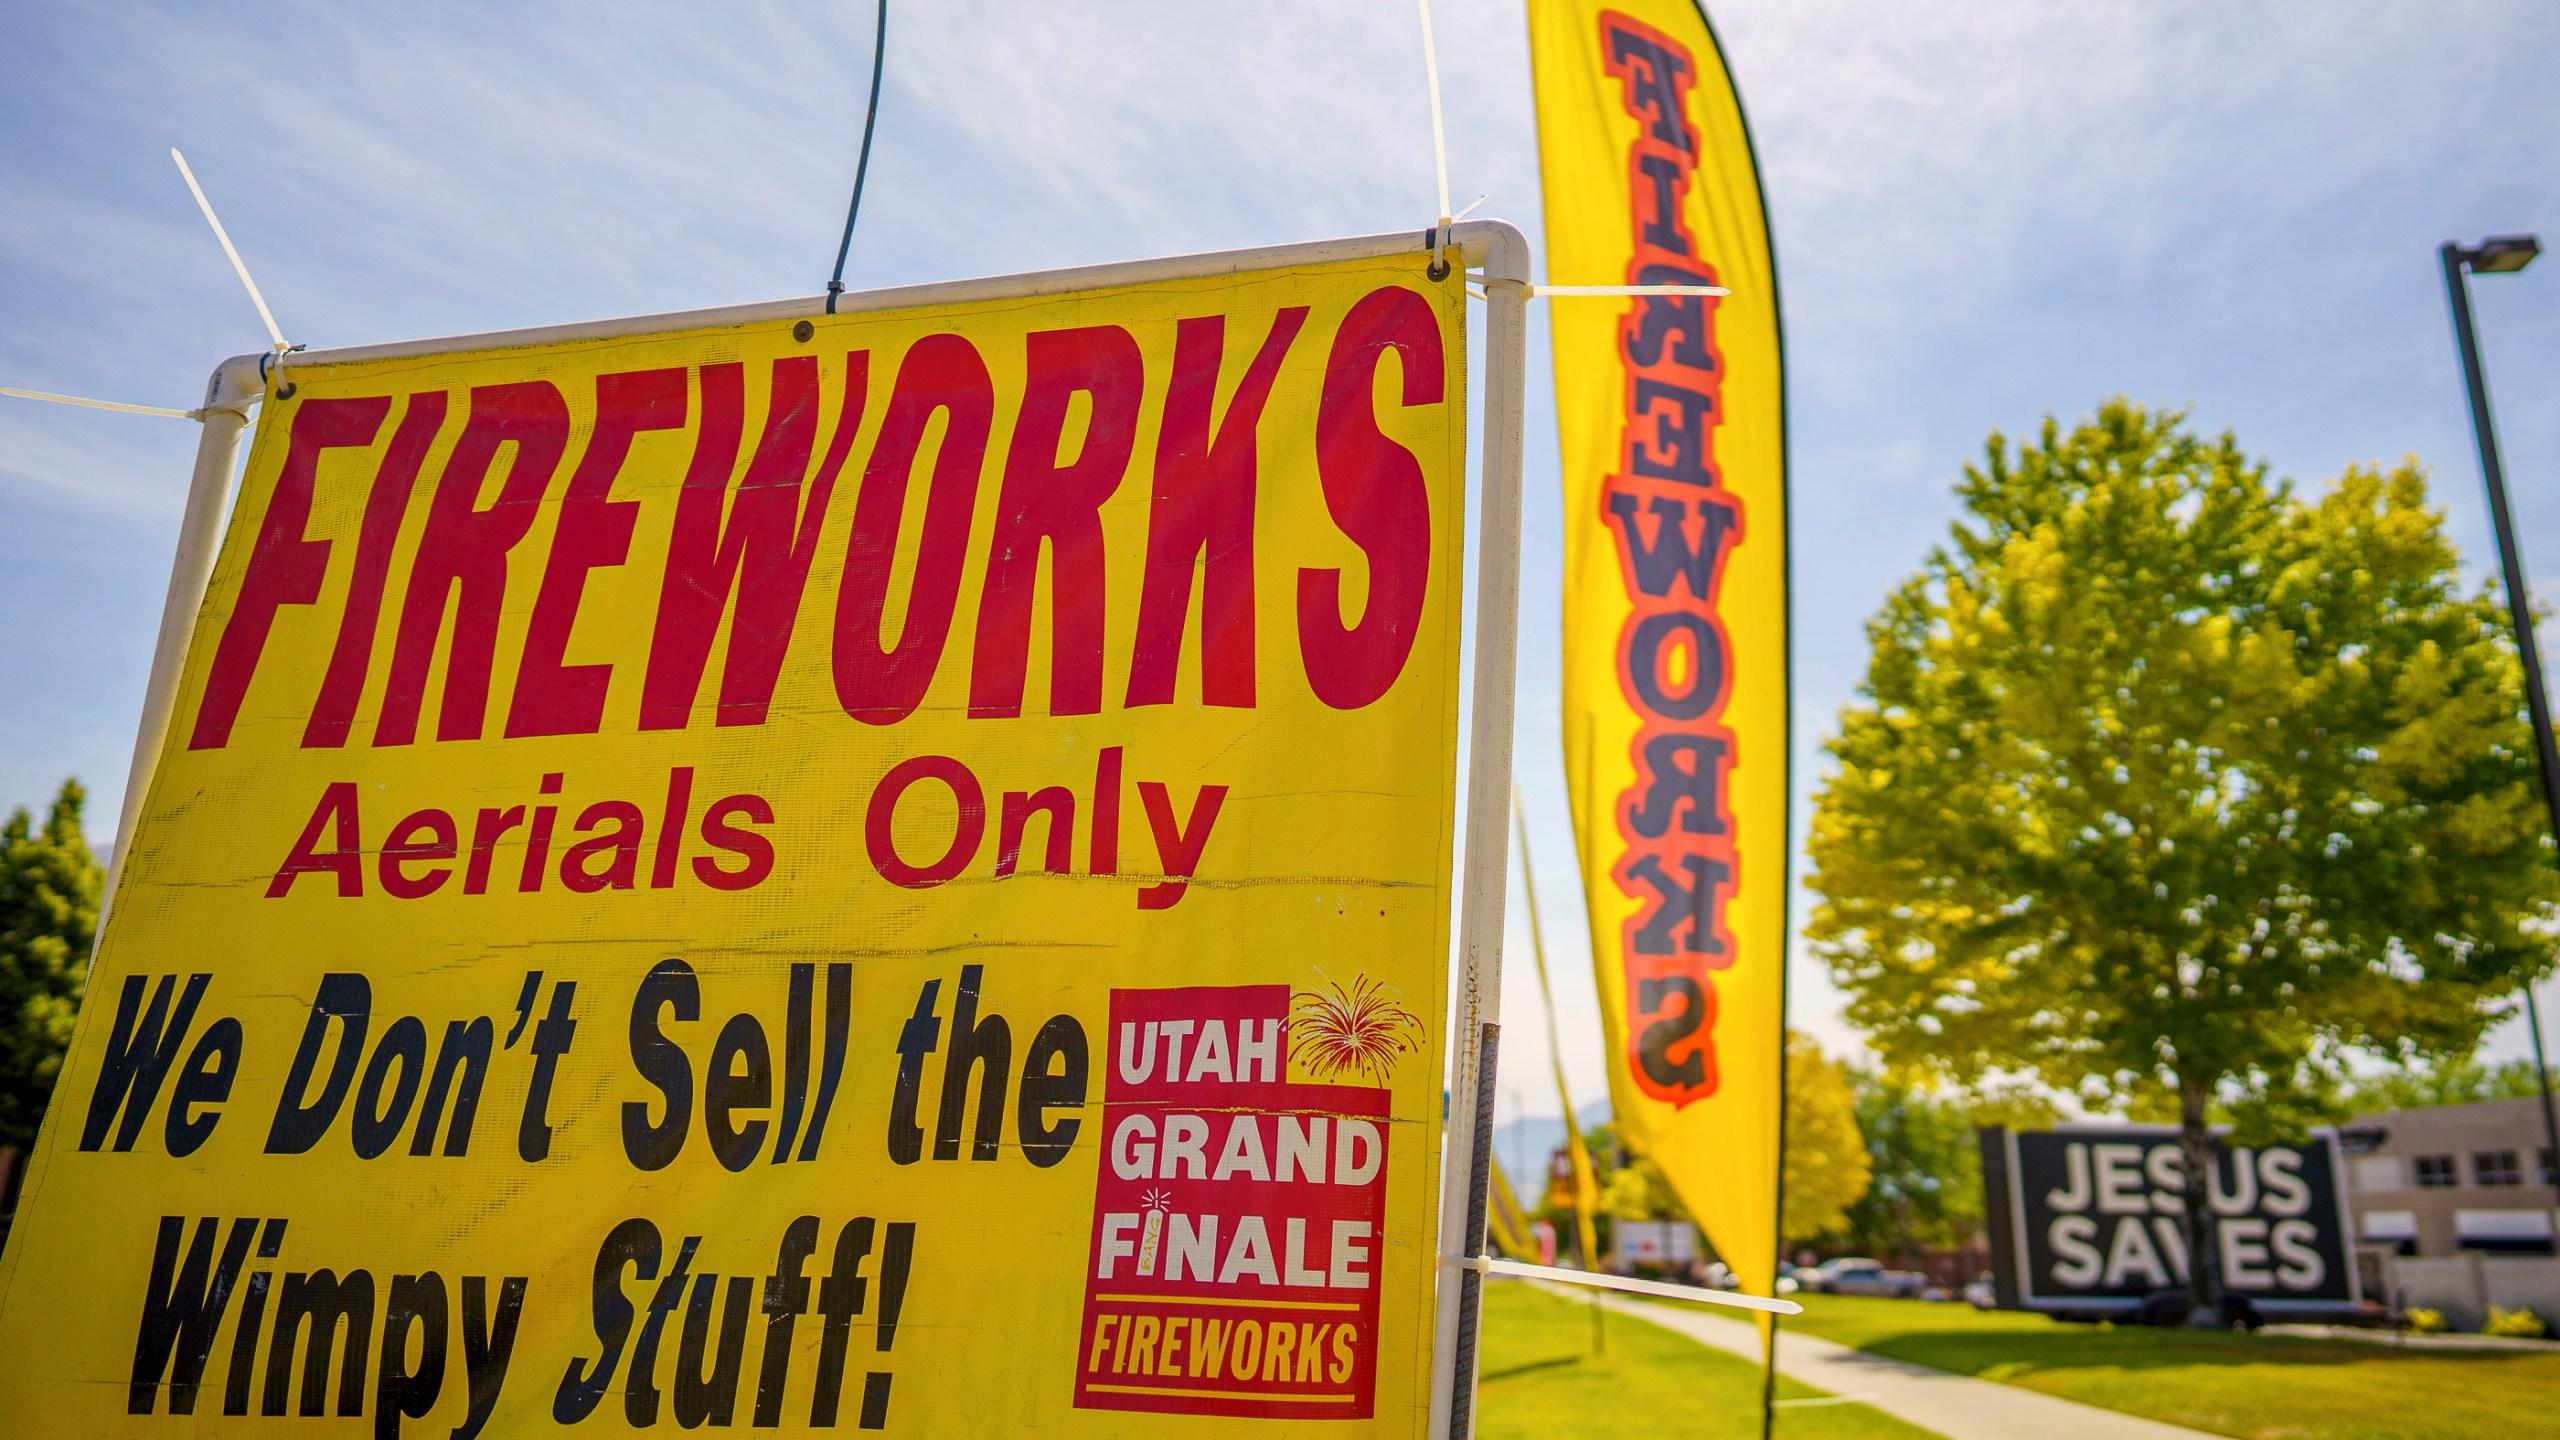 A sign advertising fireworks is shown on Wednesday, June 23, 2021, in American Fork, Utah. (Trent Nelson/The Salt Lake Tribune via AP)